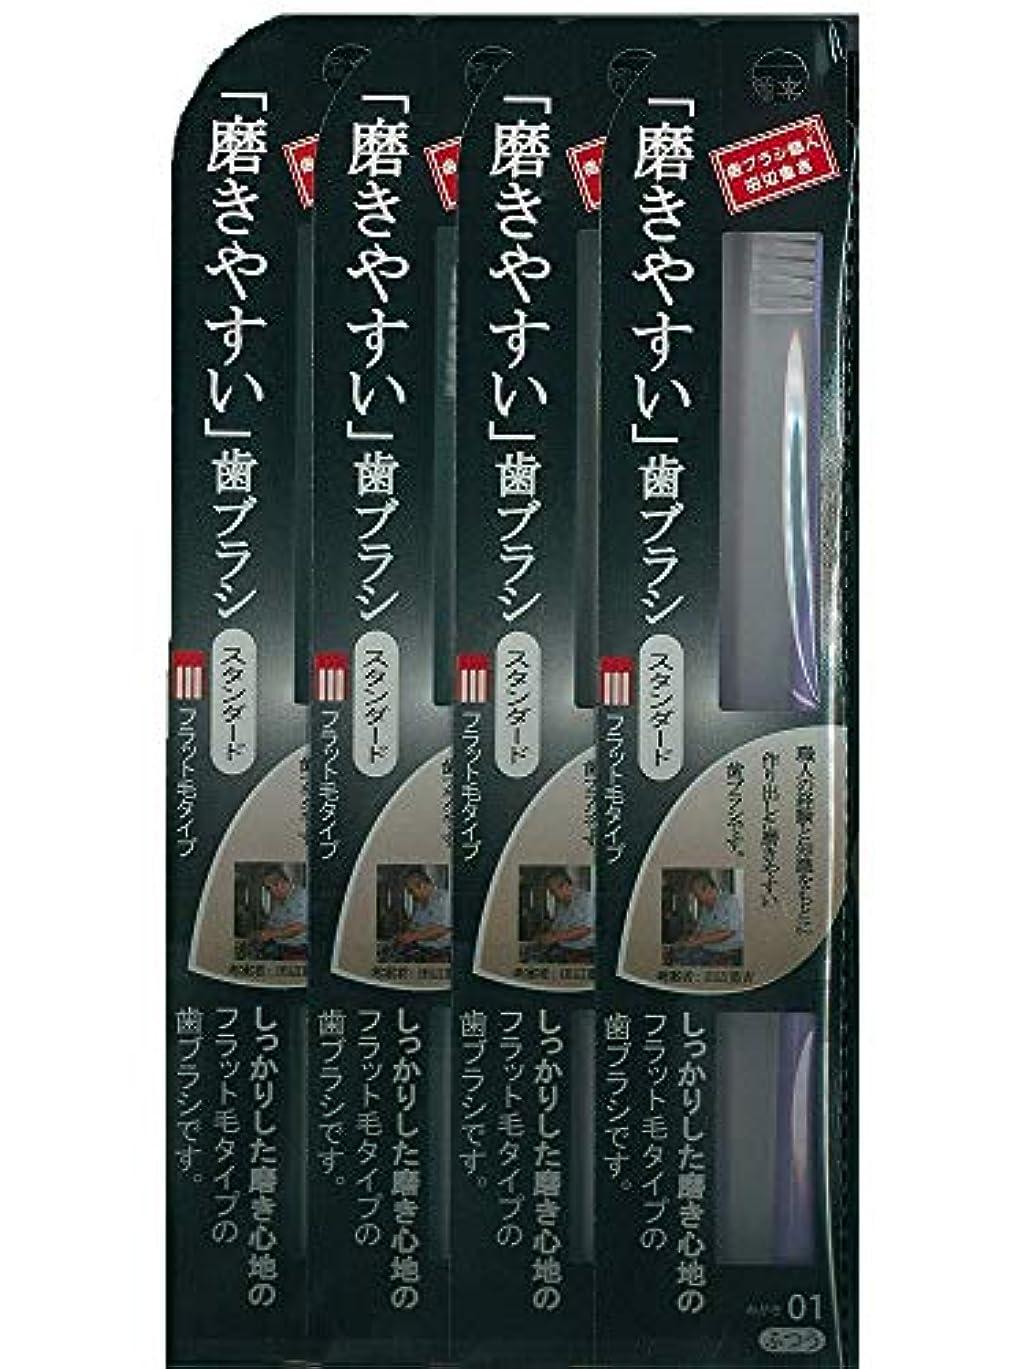 歯ブラシ職人 田辺重吉 磨きやすい歯ブラシ スタンダード フラット毛タイプ LT-01 (1本×4個セット)